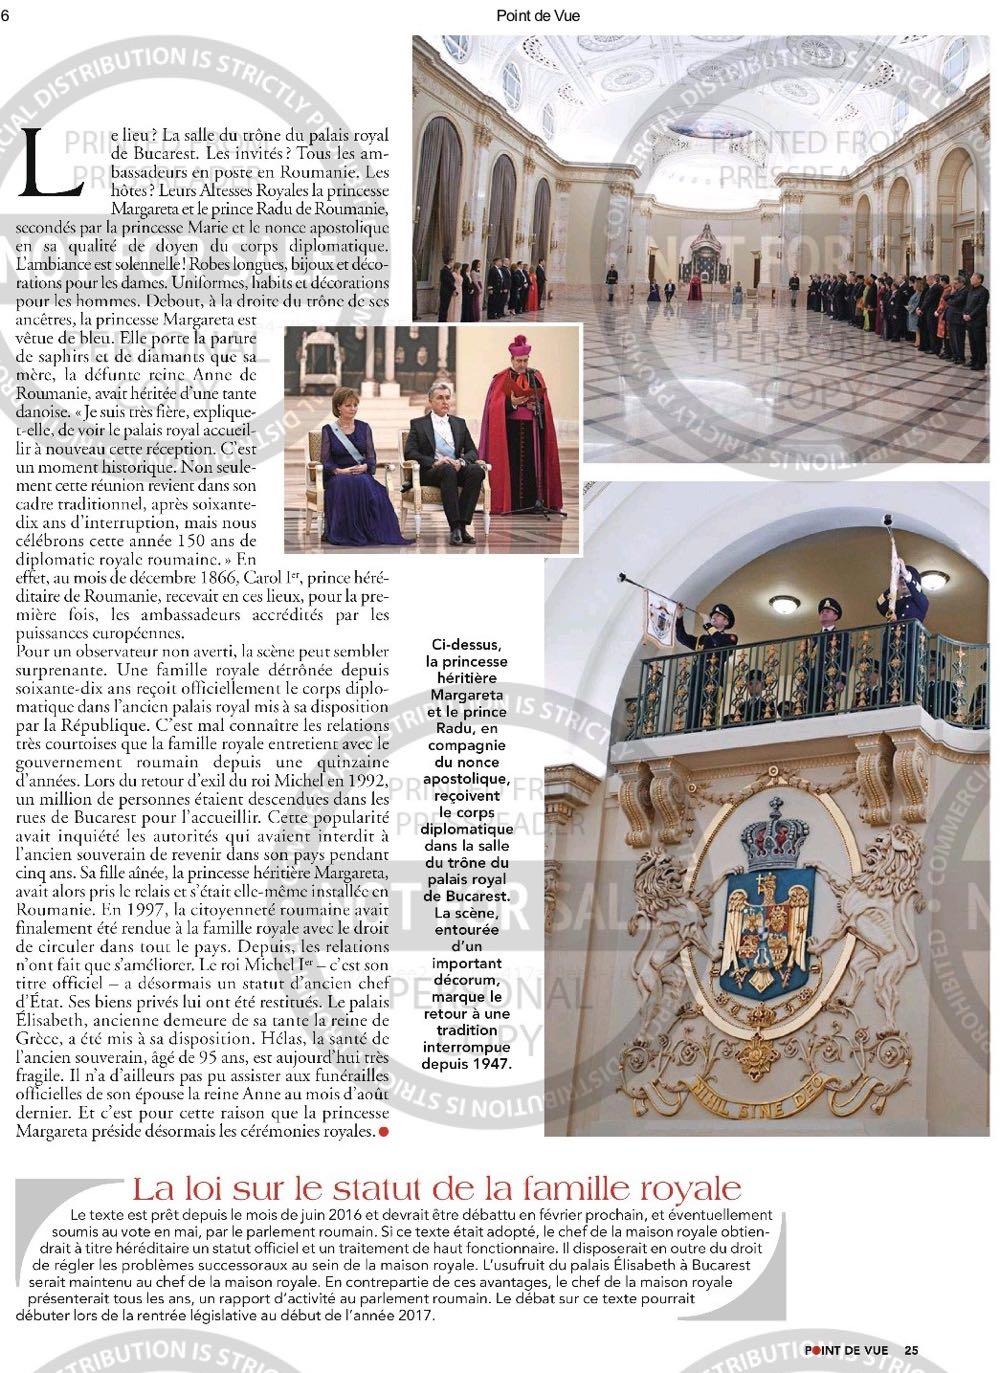 Point de Vue 20161228 - page 25